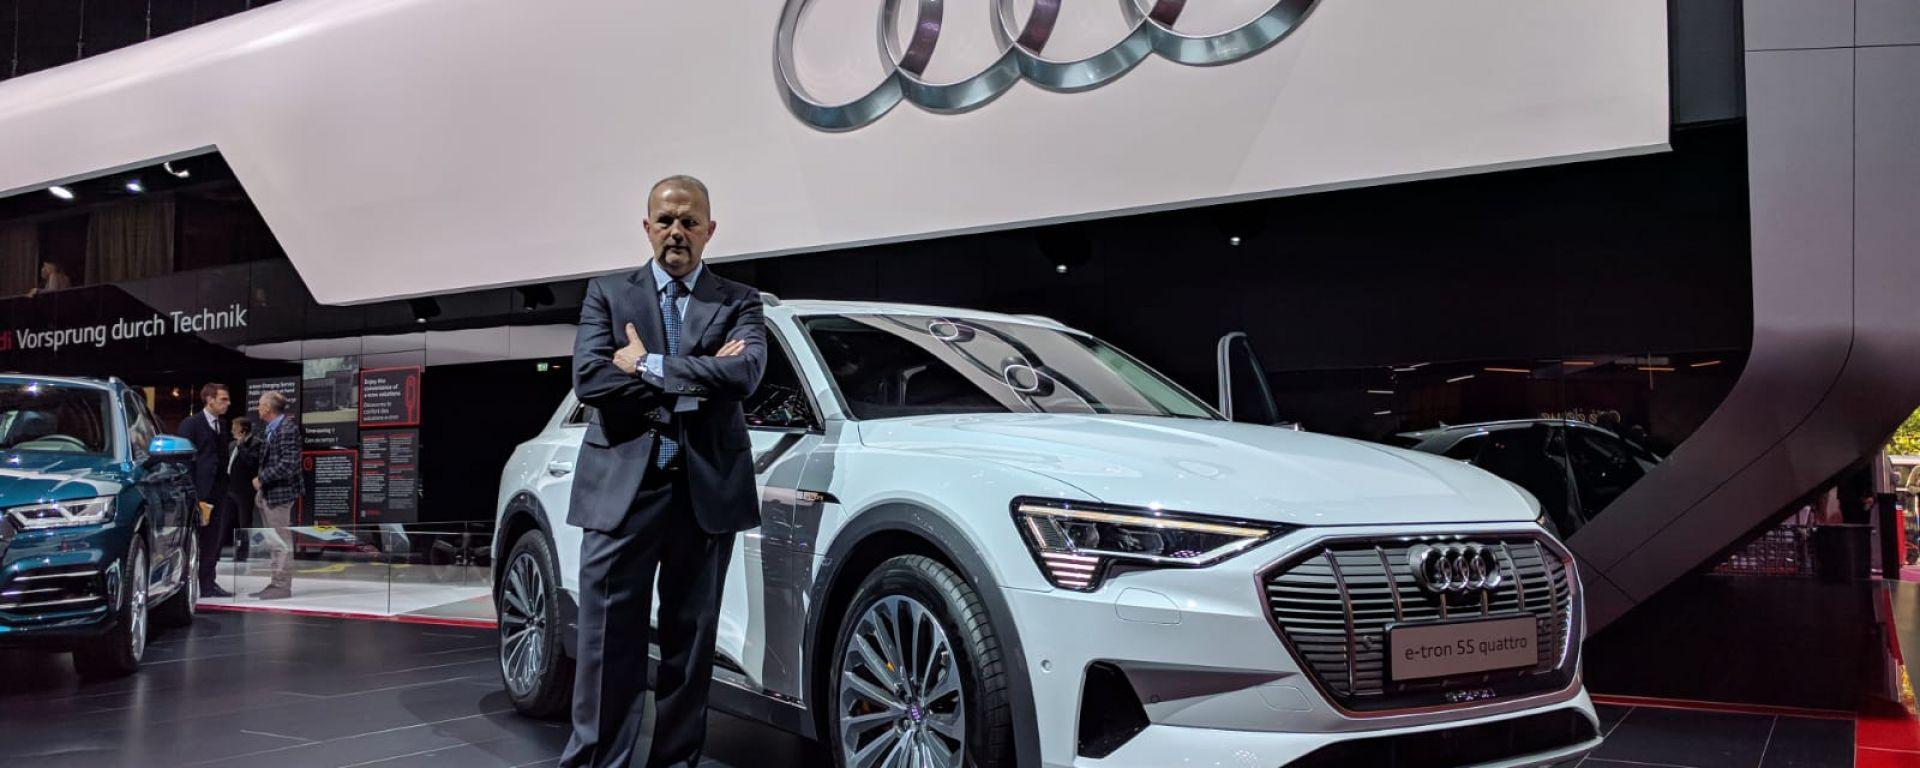 Salone di Ginevra 2019, le novità allo stand Audi